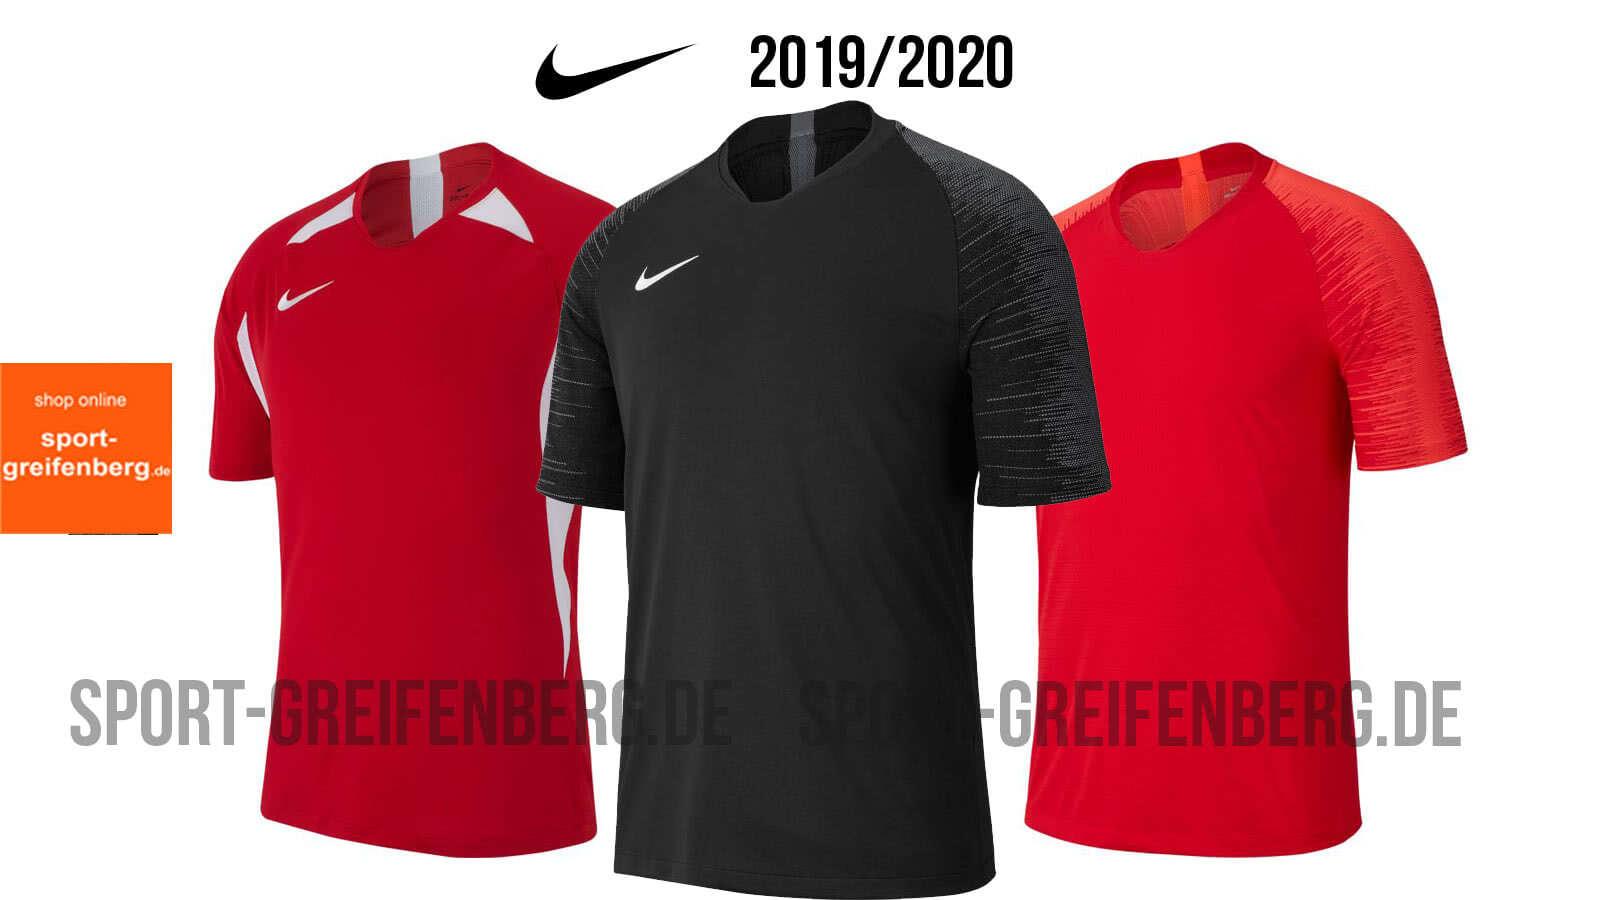 Die Nike Trikots 2019/2020 Legend, Vapor und Striker